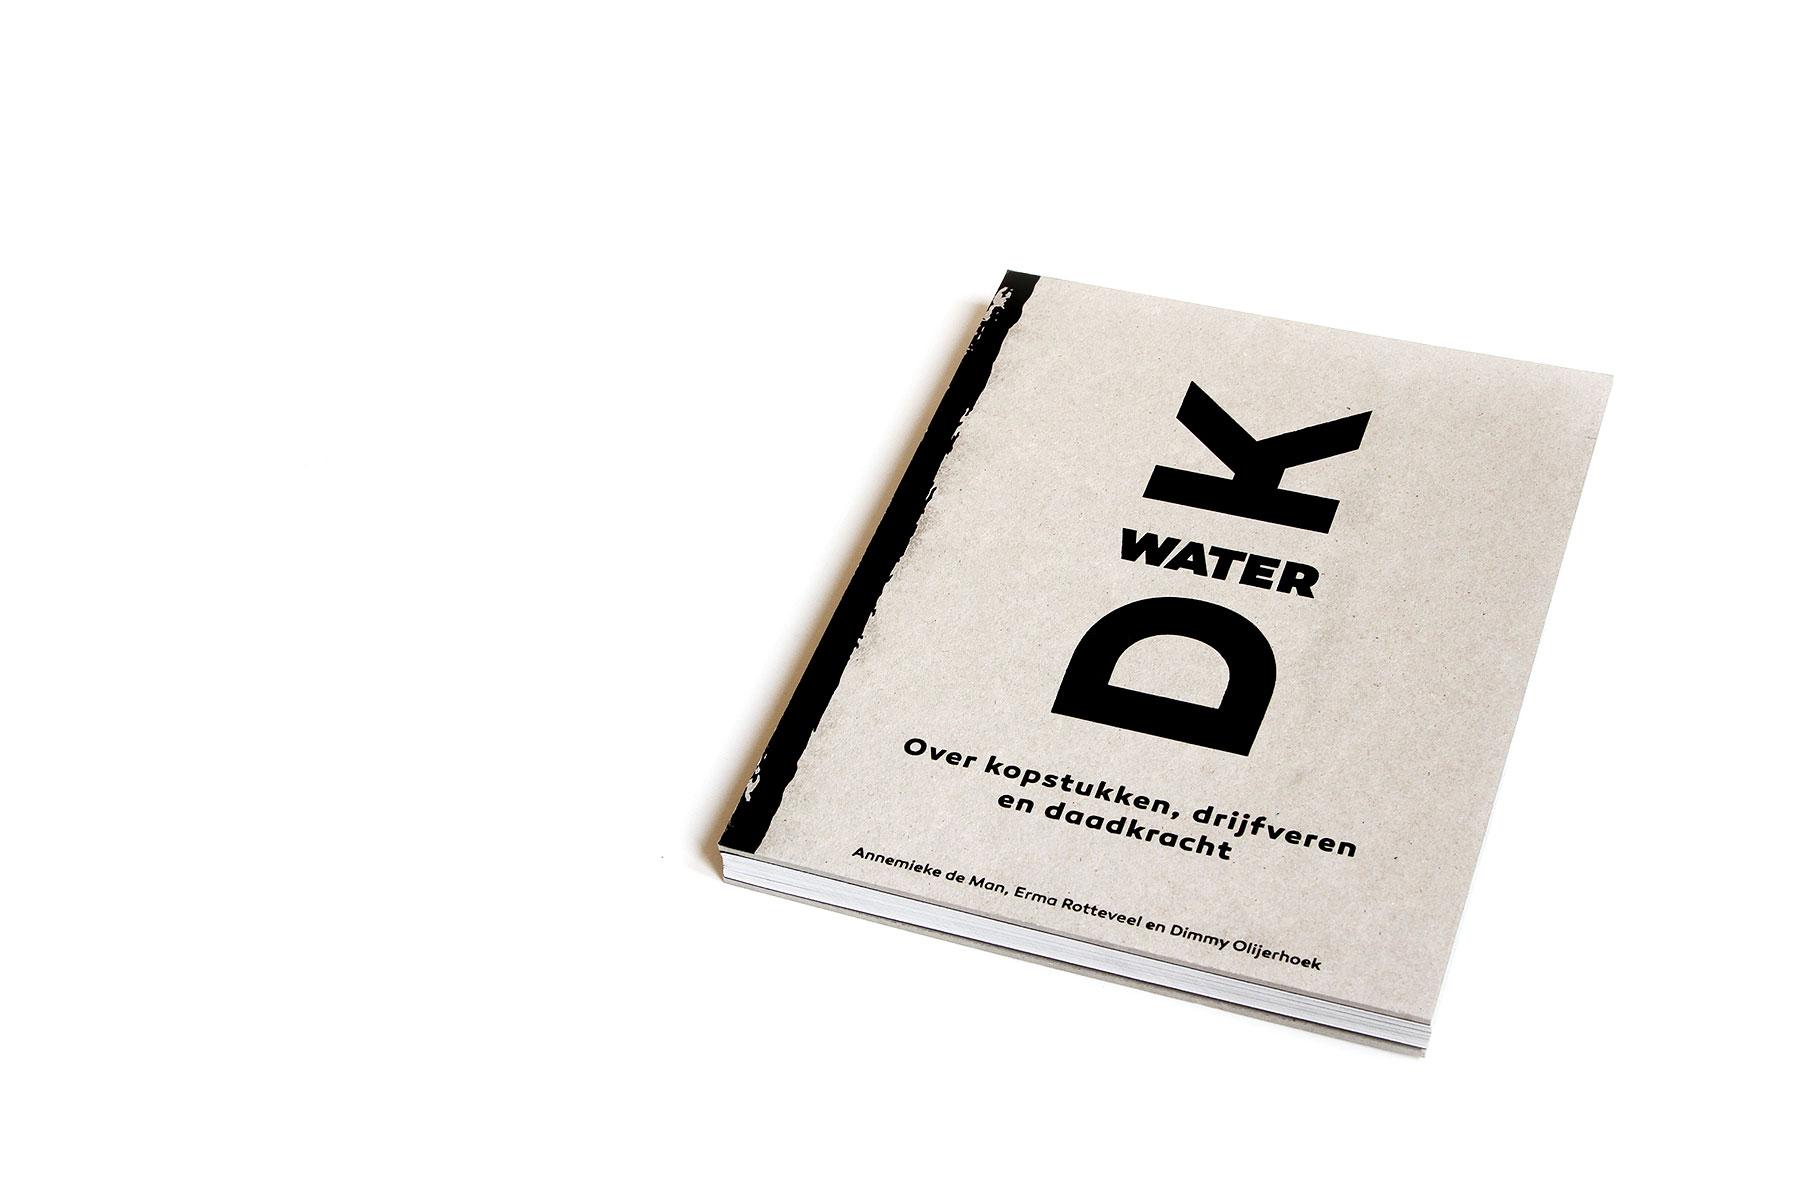 dik-water-binnenwerk-klein-01.jpg